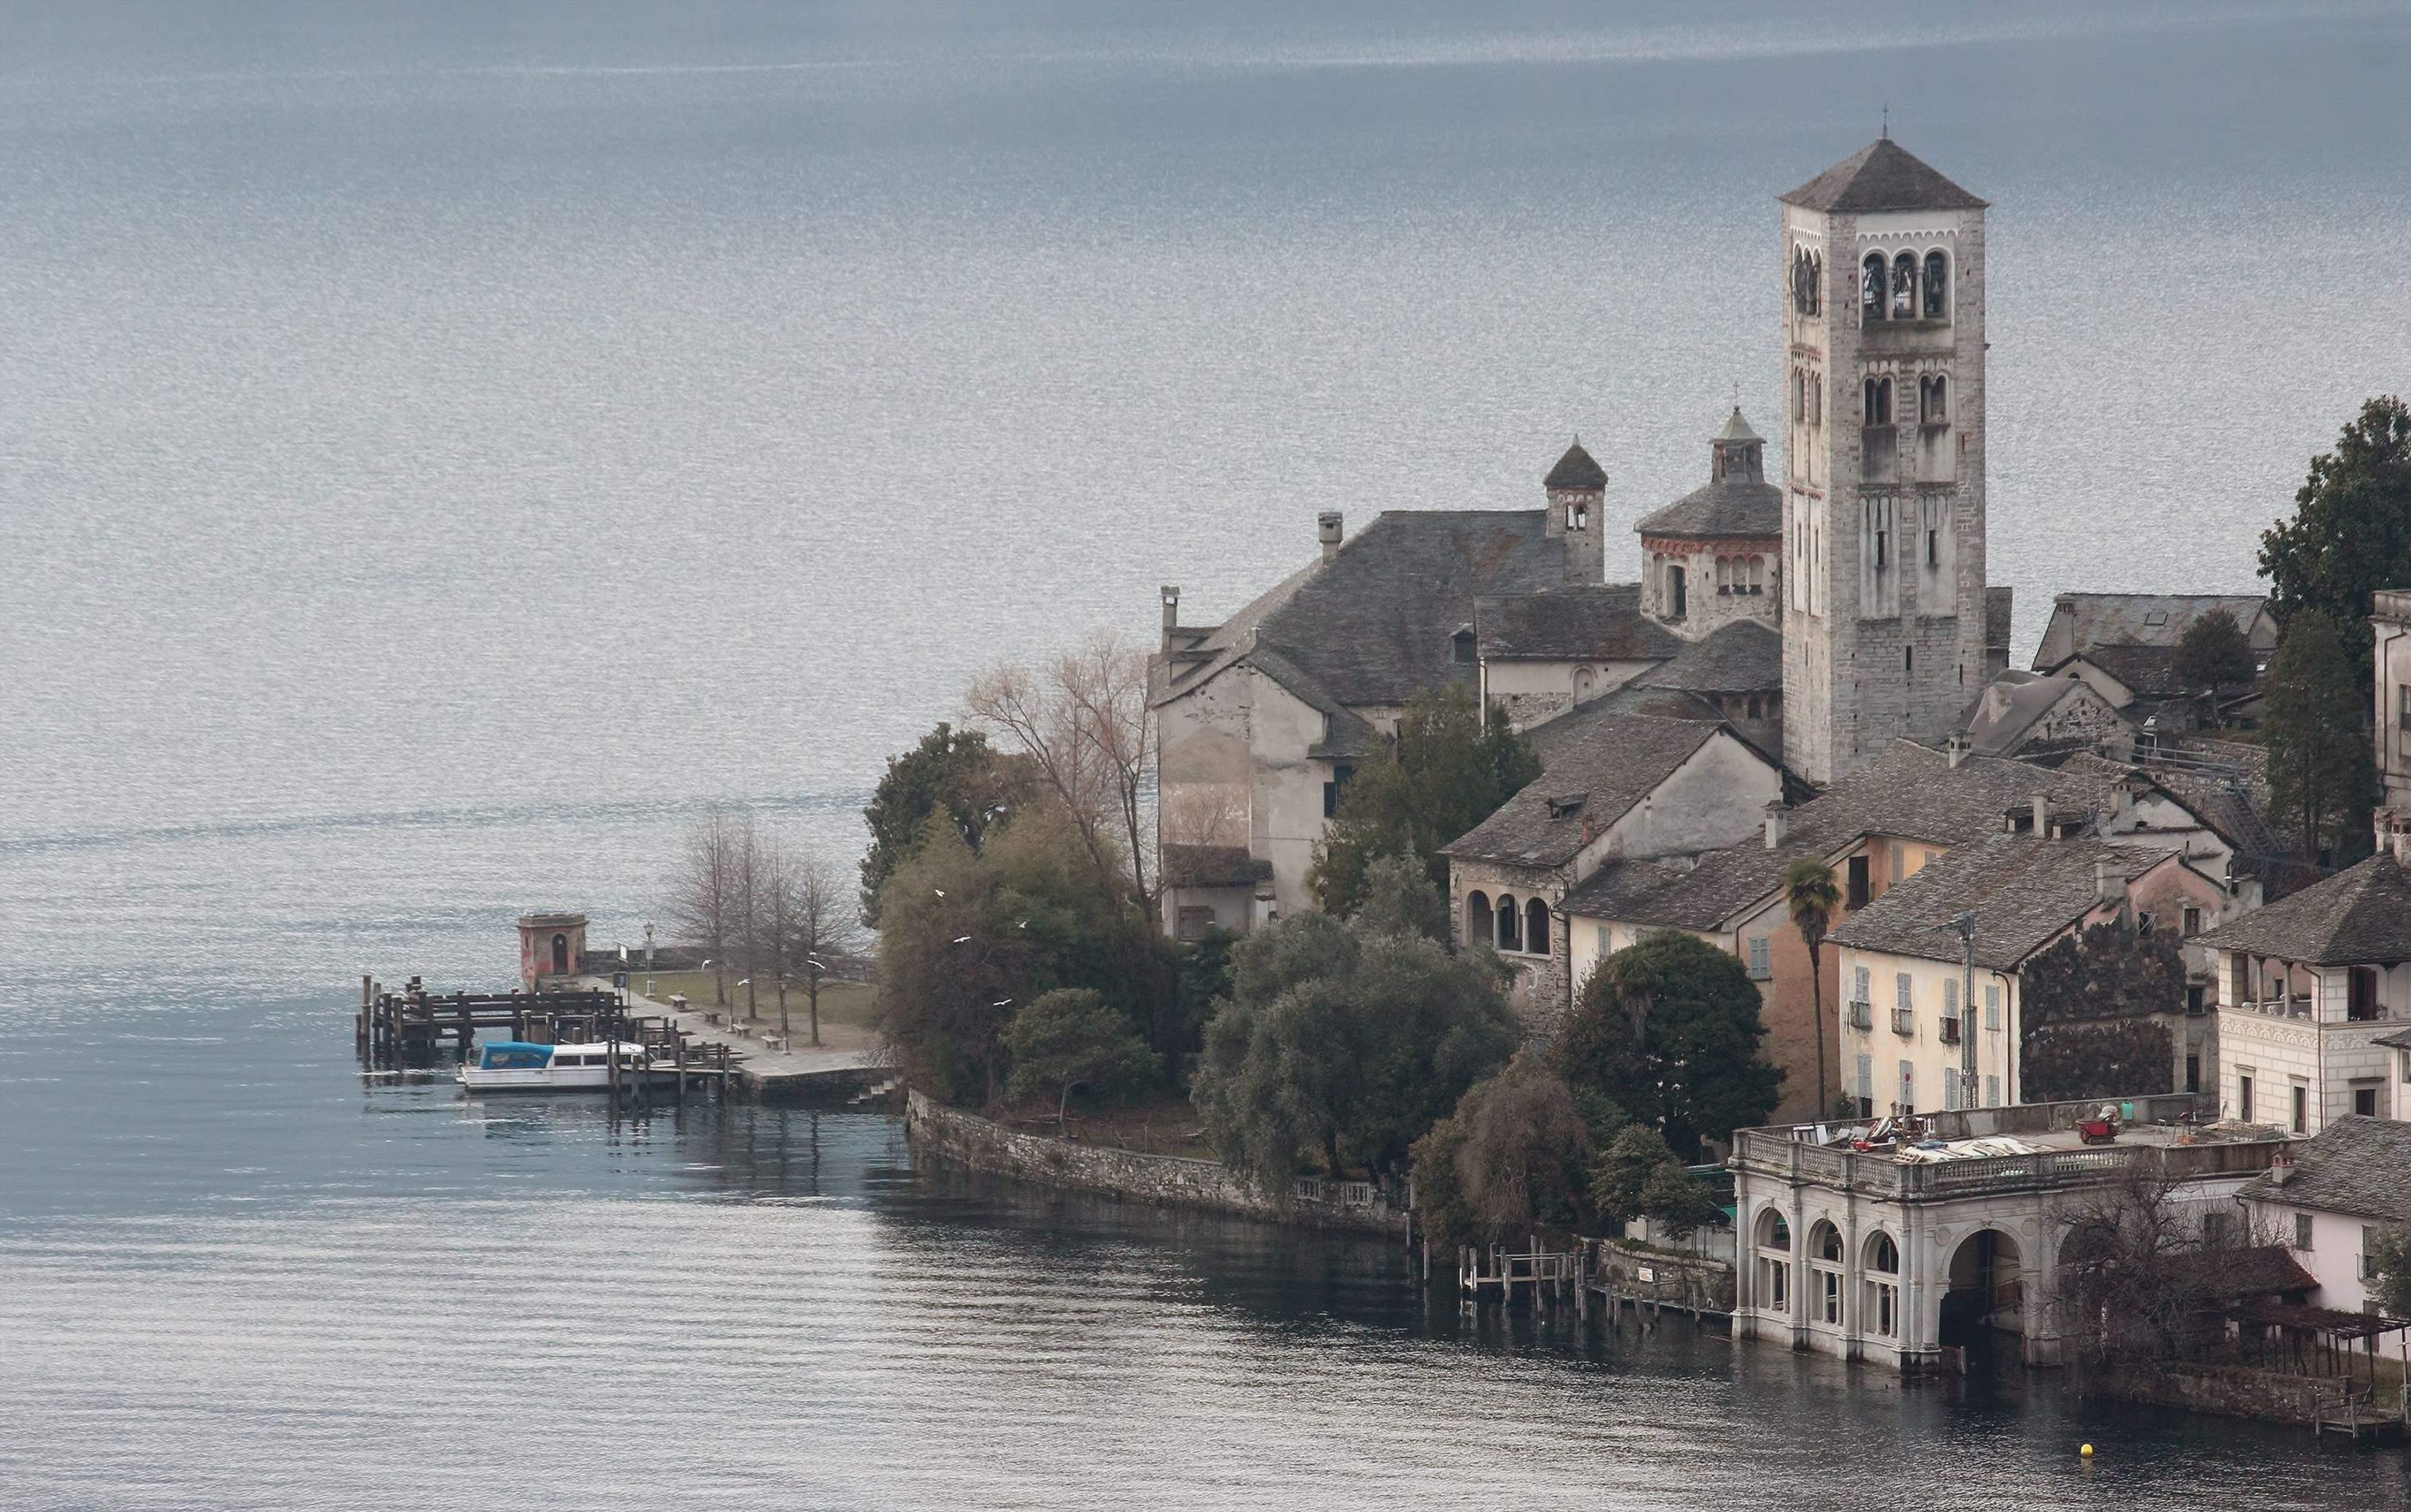 https://bsl.com.mt/wp-content/uploads/2021/09/xmas-lago-maggiore.jpg